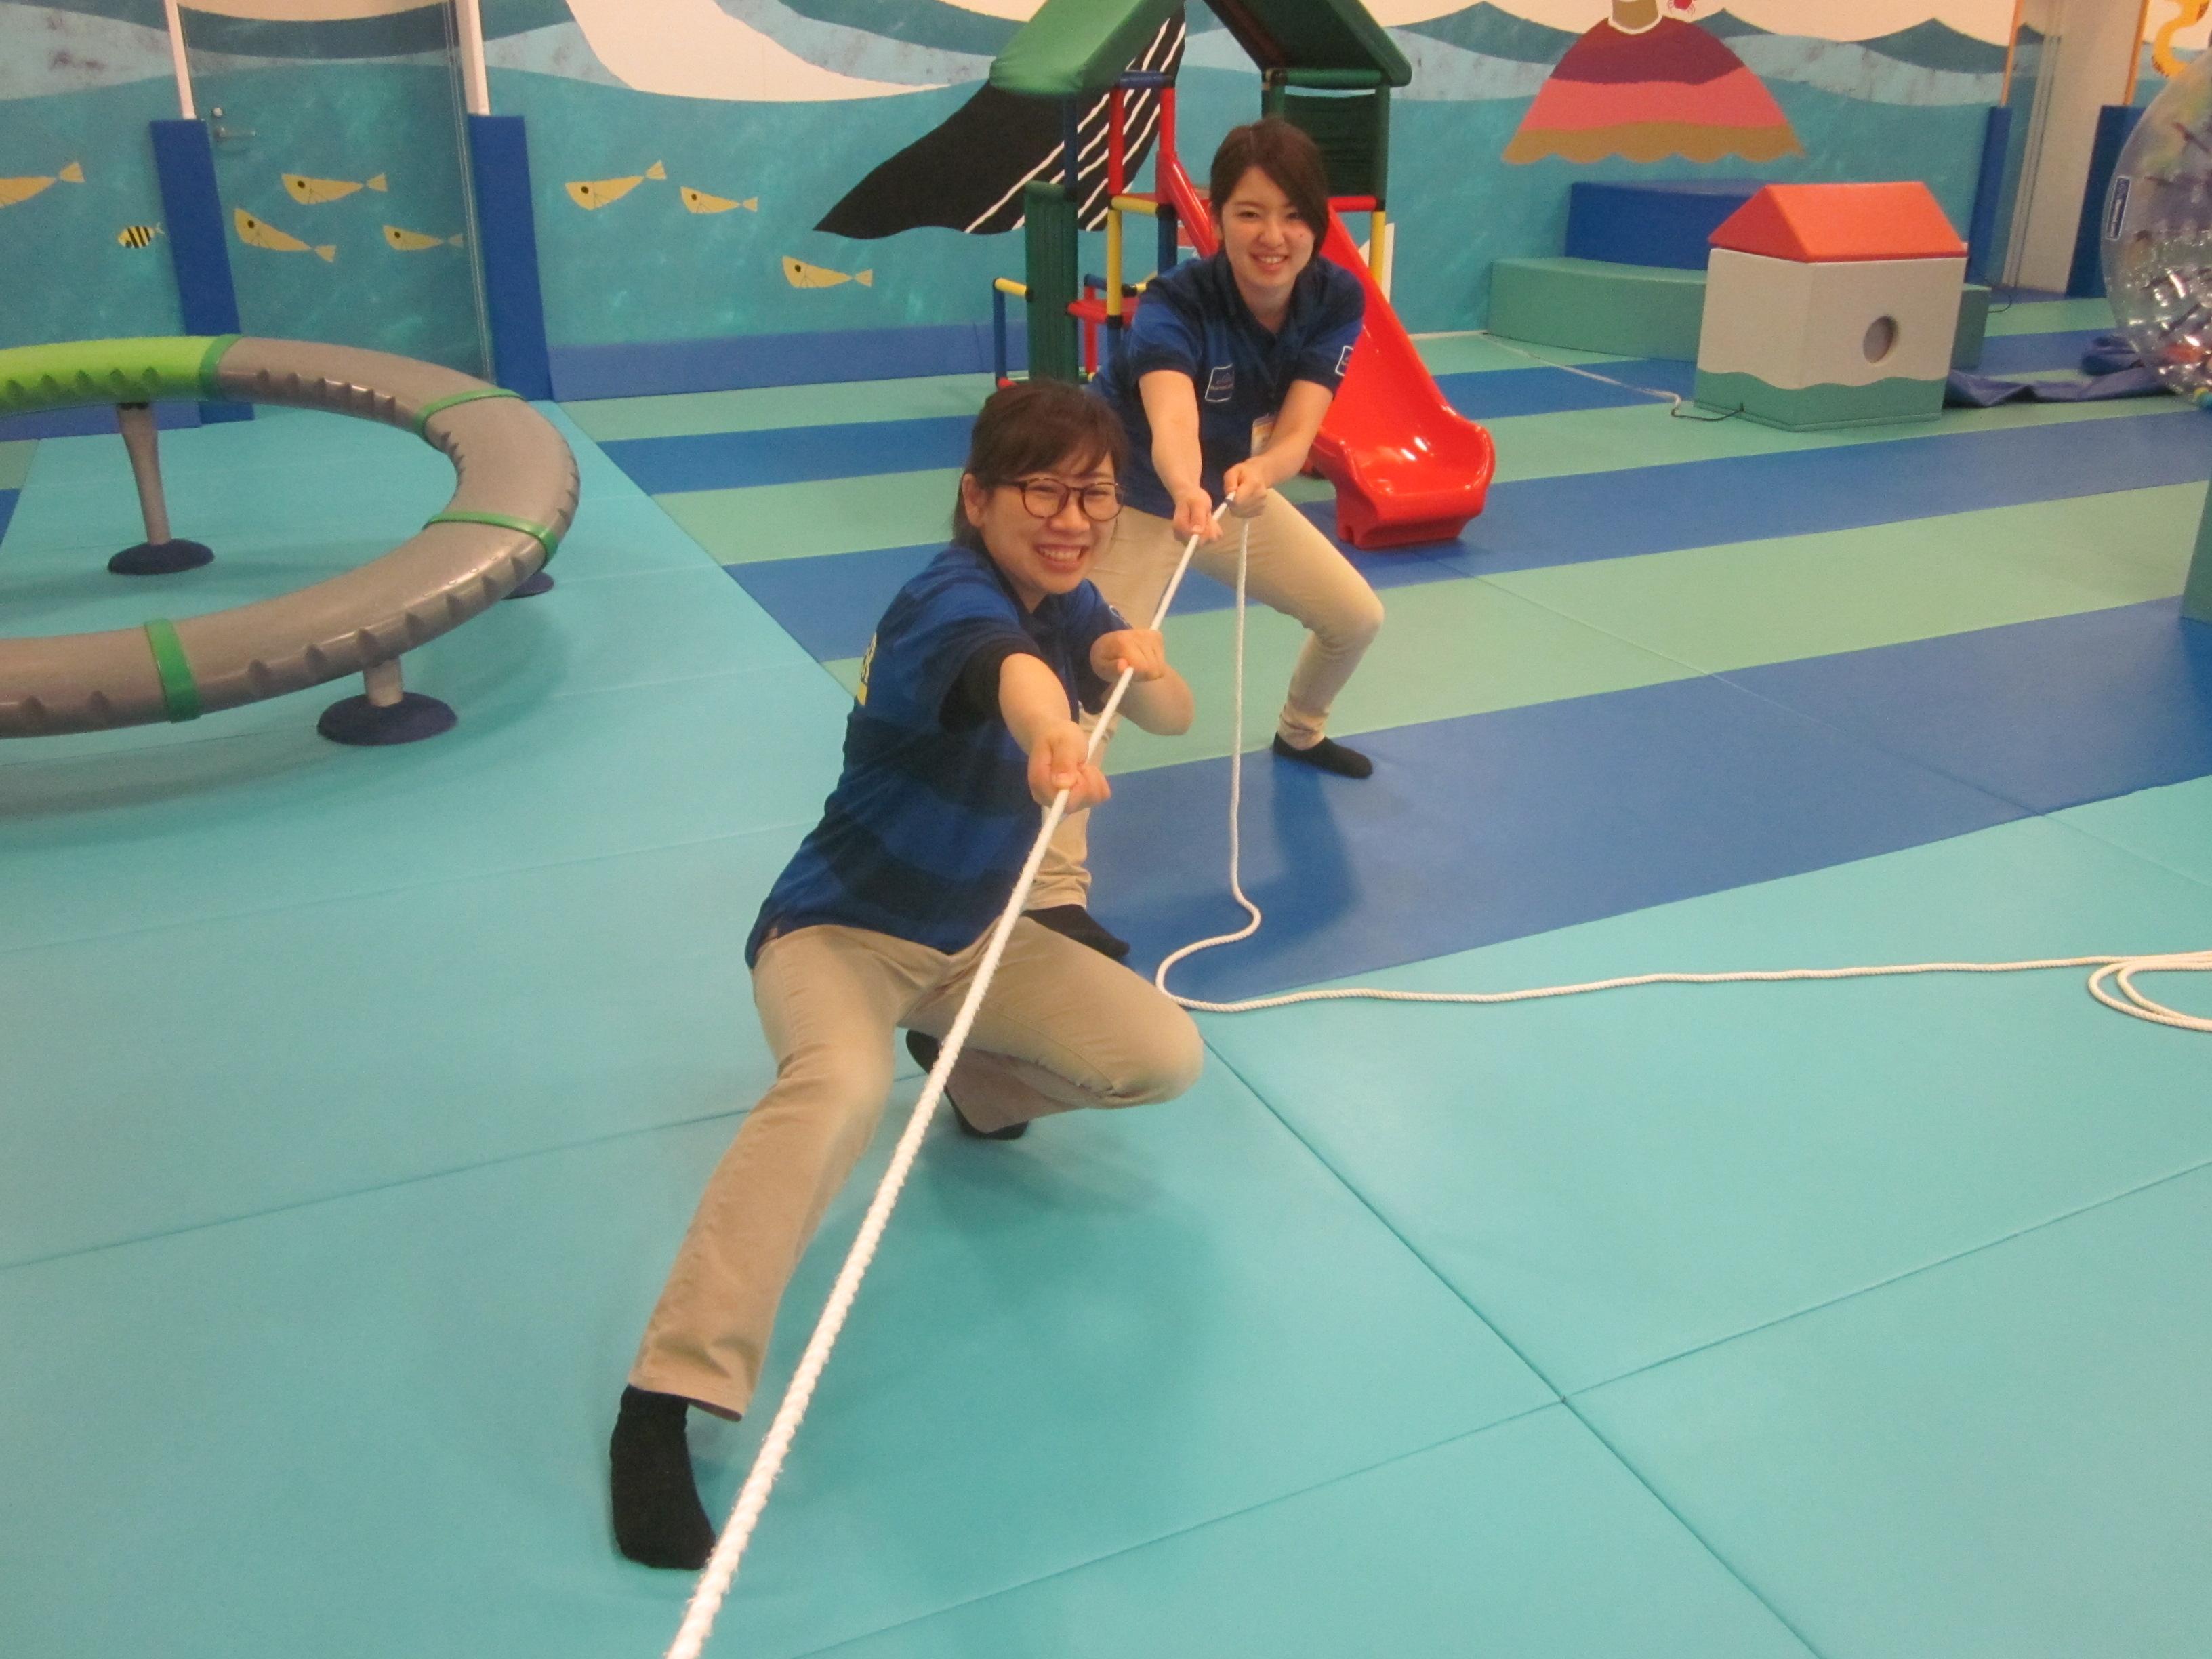 【土曜開催】パパ・プレイリーダーと遊ぼう!「大人に負けるな!綱引き大会」